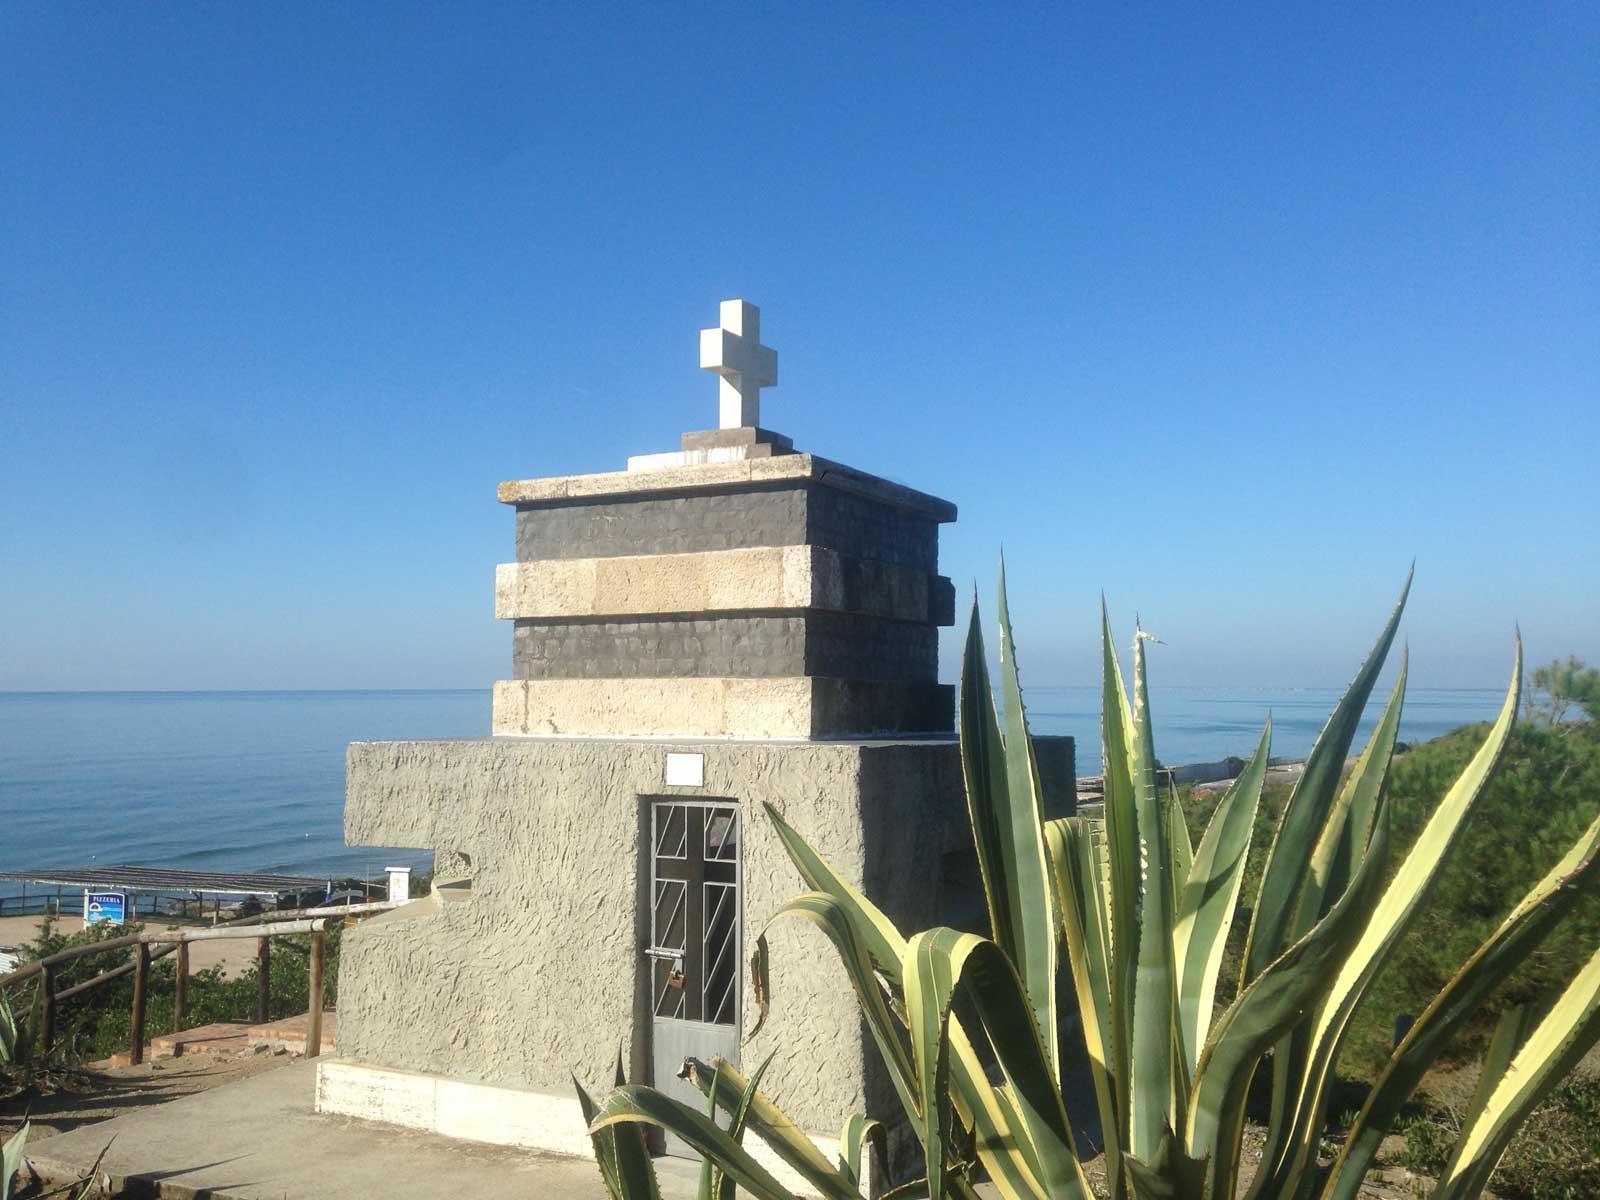 Monumento agli Sminatori